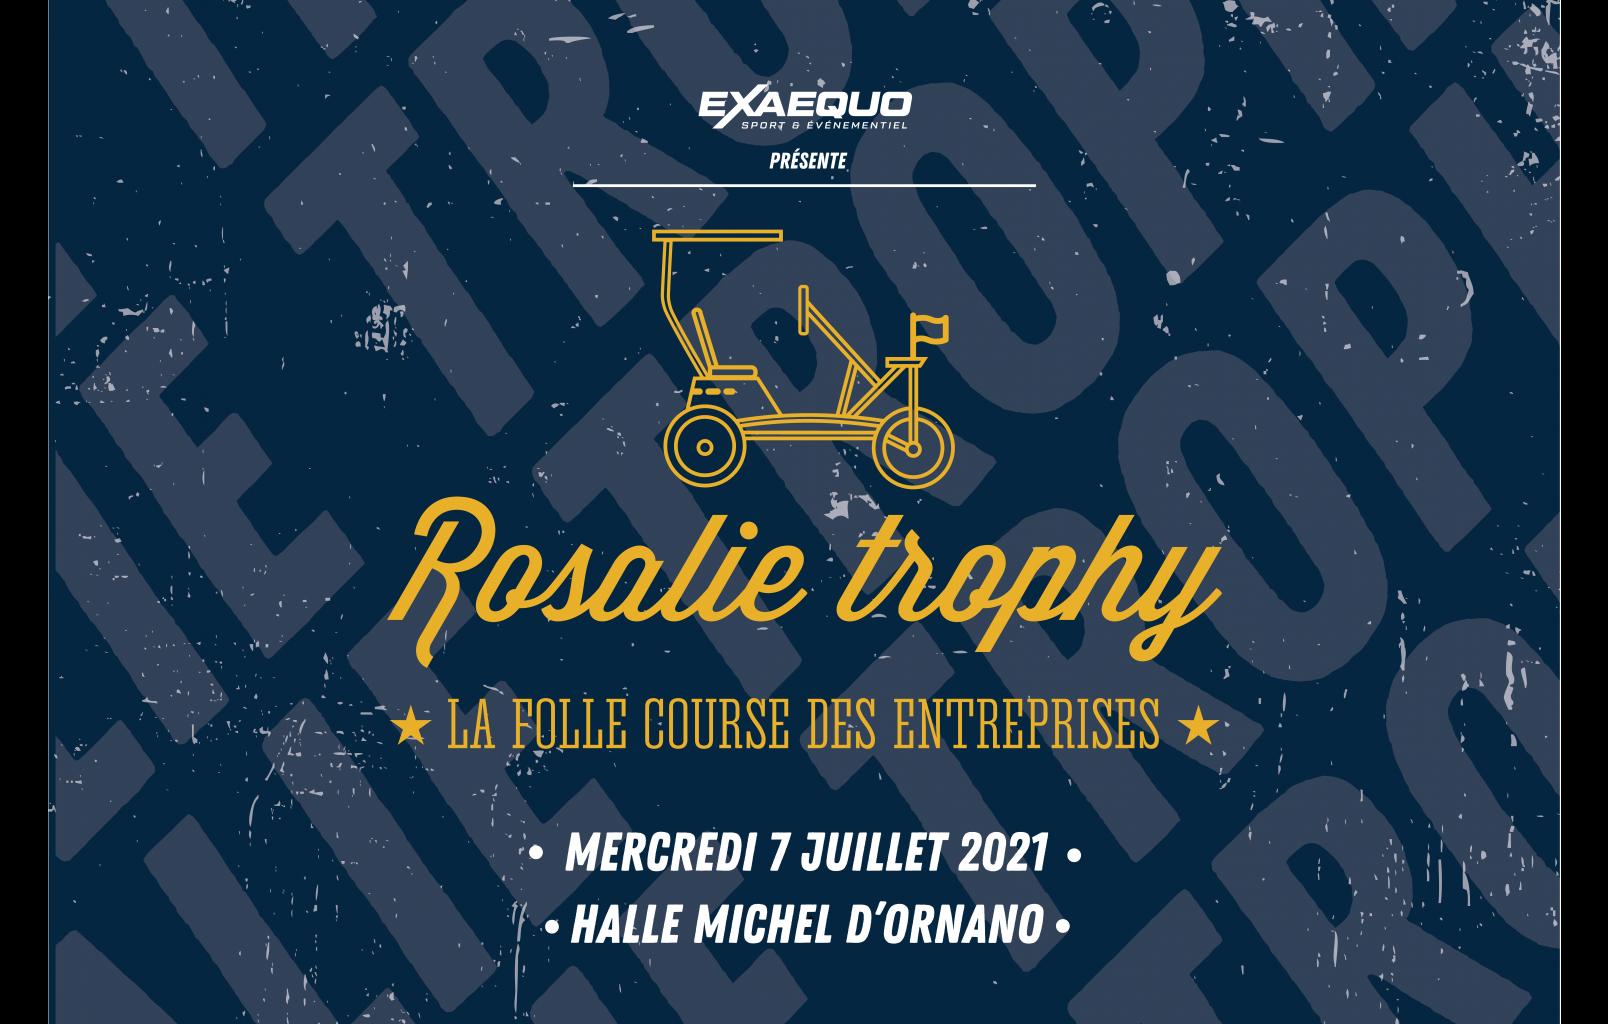 Rosalie Trophy Exaequo Communication